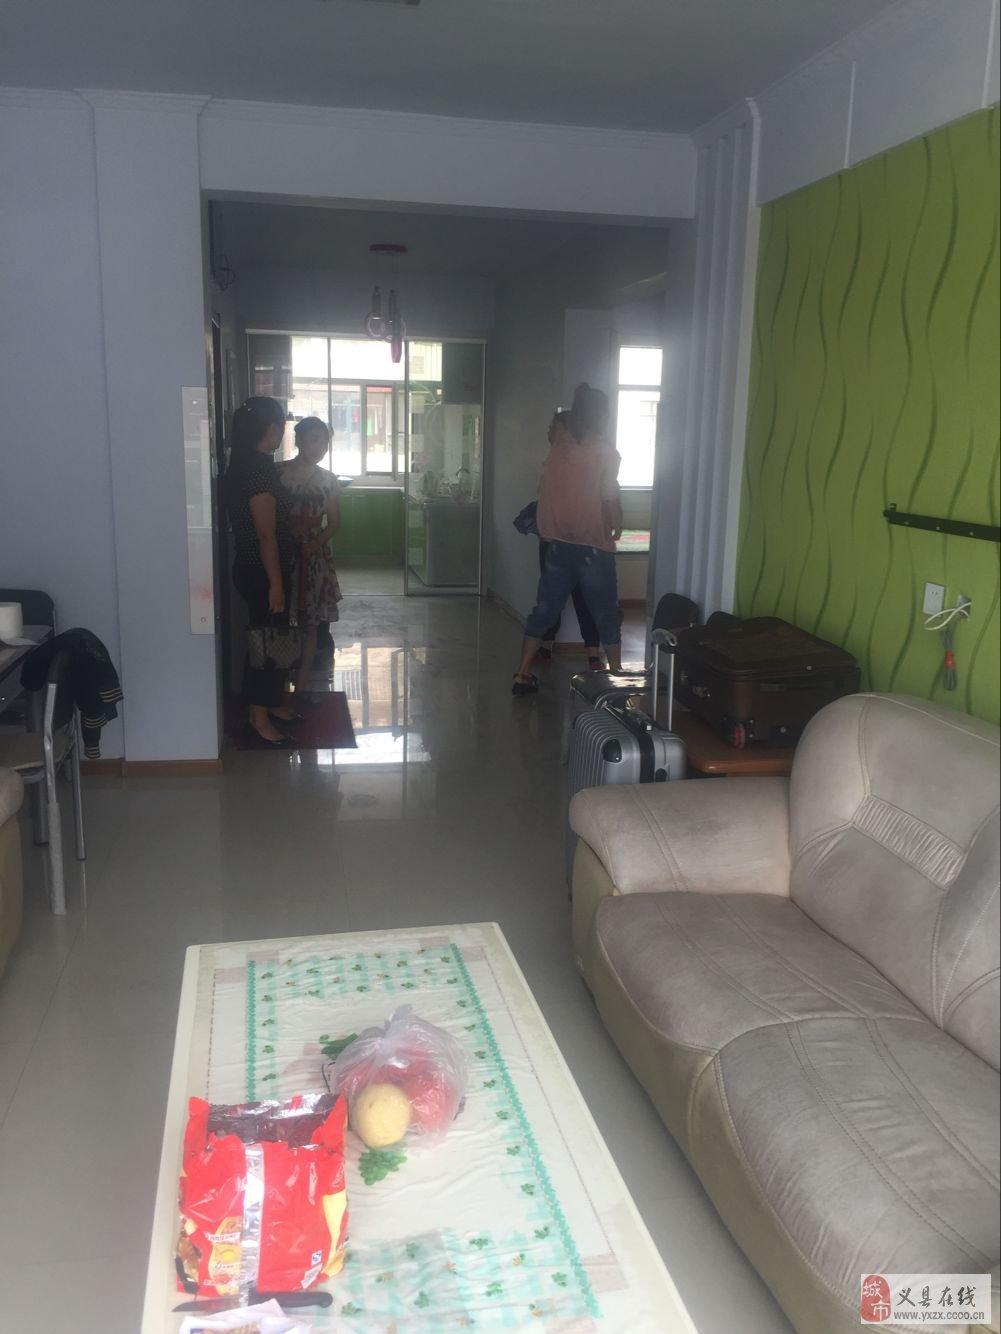 41平,两室一厅,简单装修,简单设施,黄金楼层4楼,小区环境优,位置佳